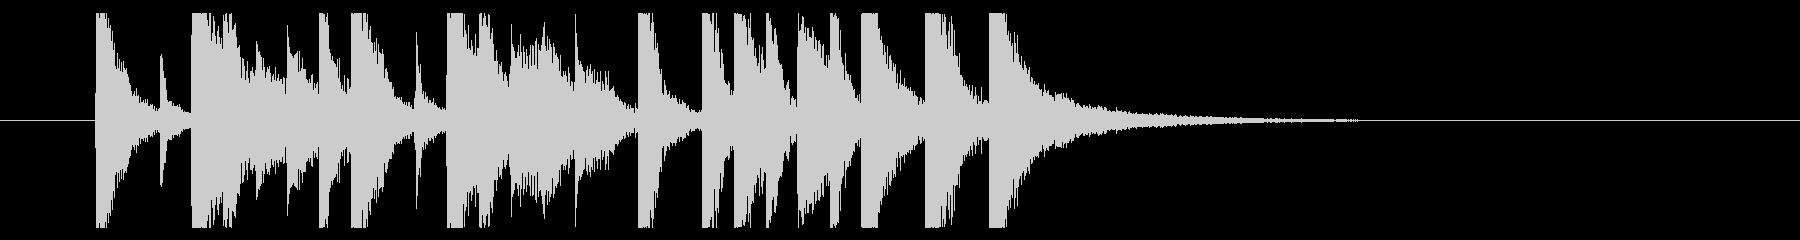 ほのぼの日常、コミカルでルンルンな曲Dの未再生の波形